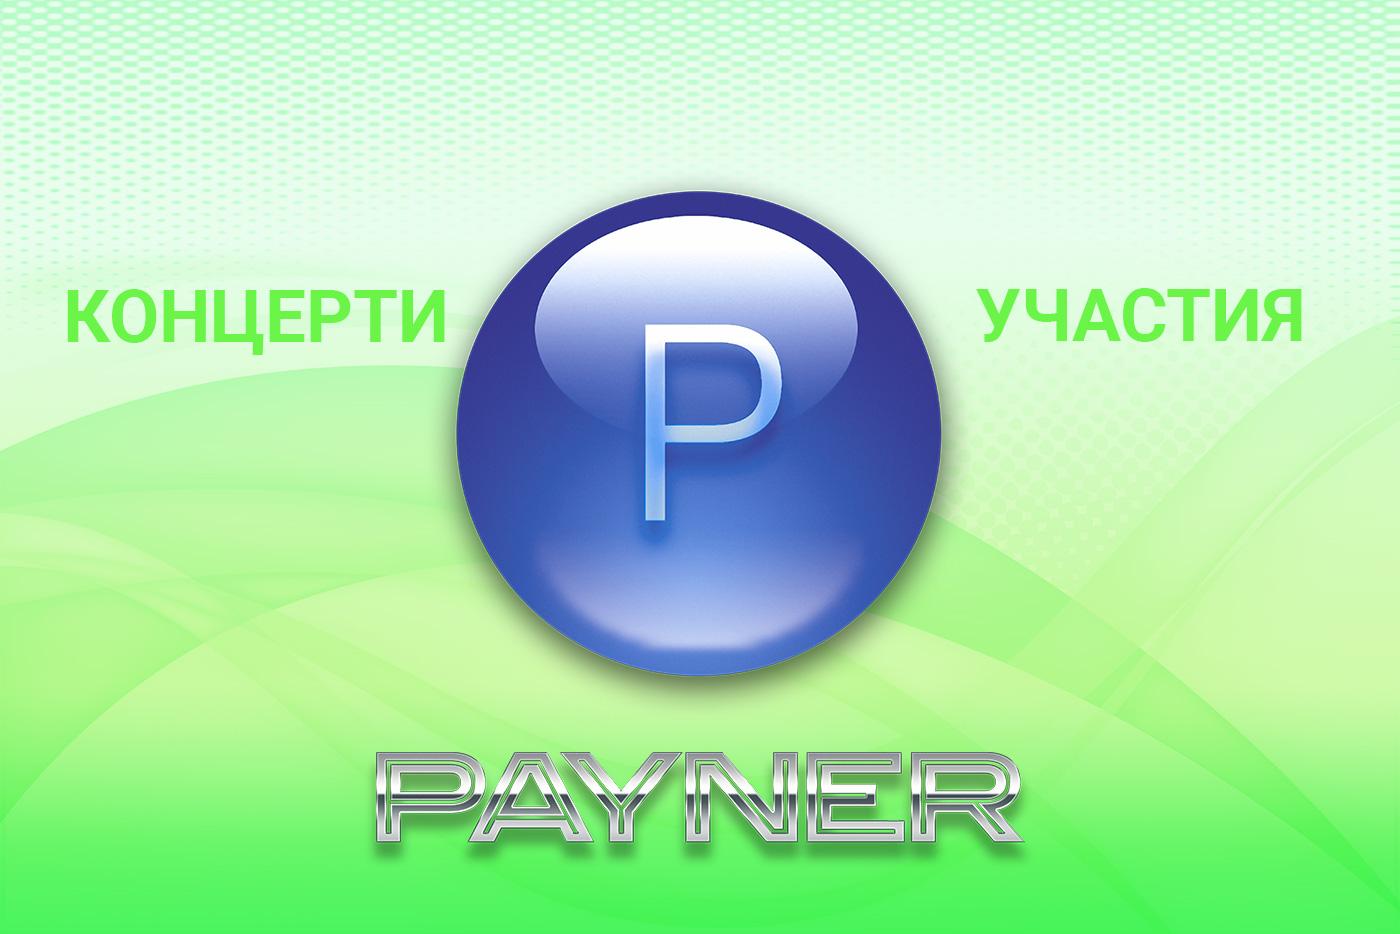 """Участия на звездите на """"Пайнер"""" на 18.07.2019"""